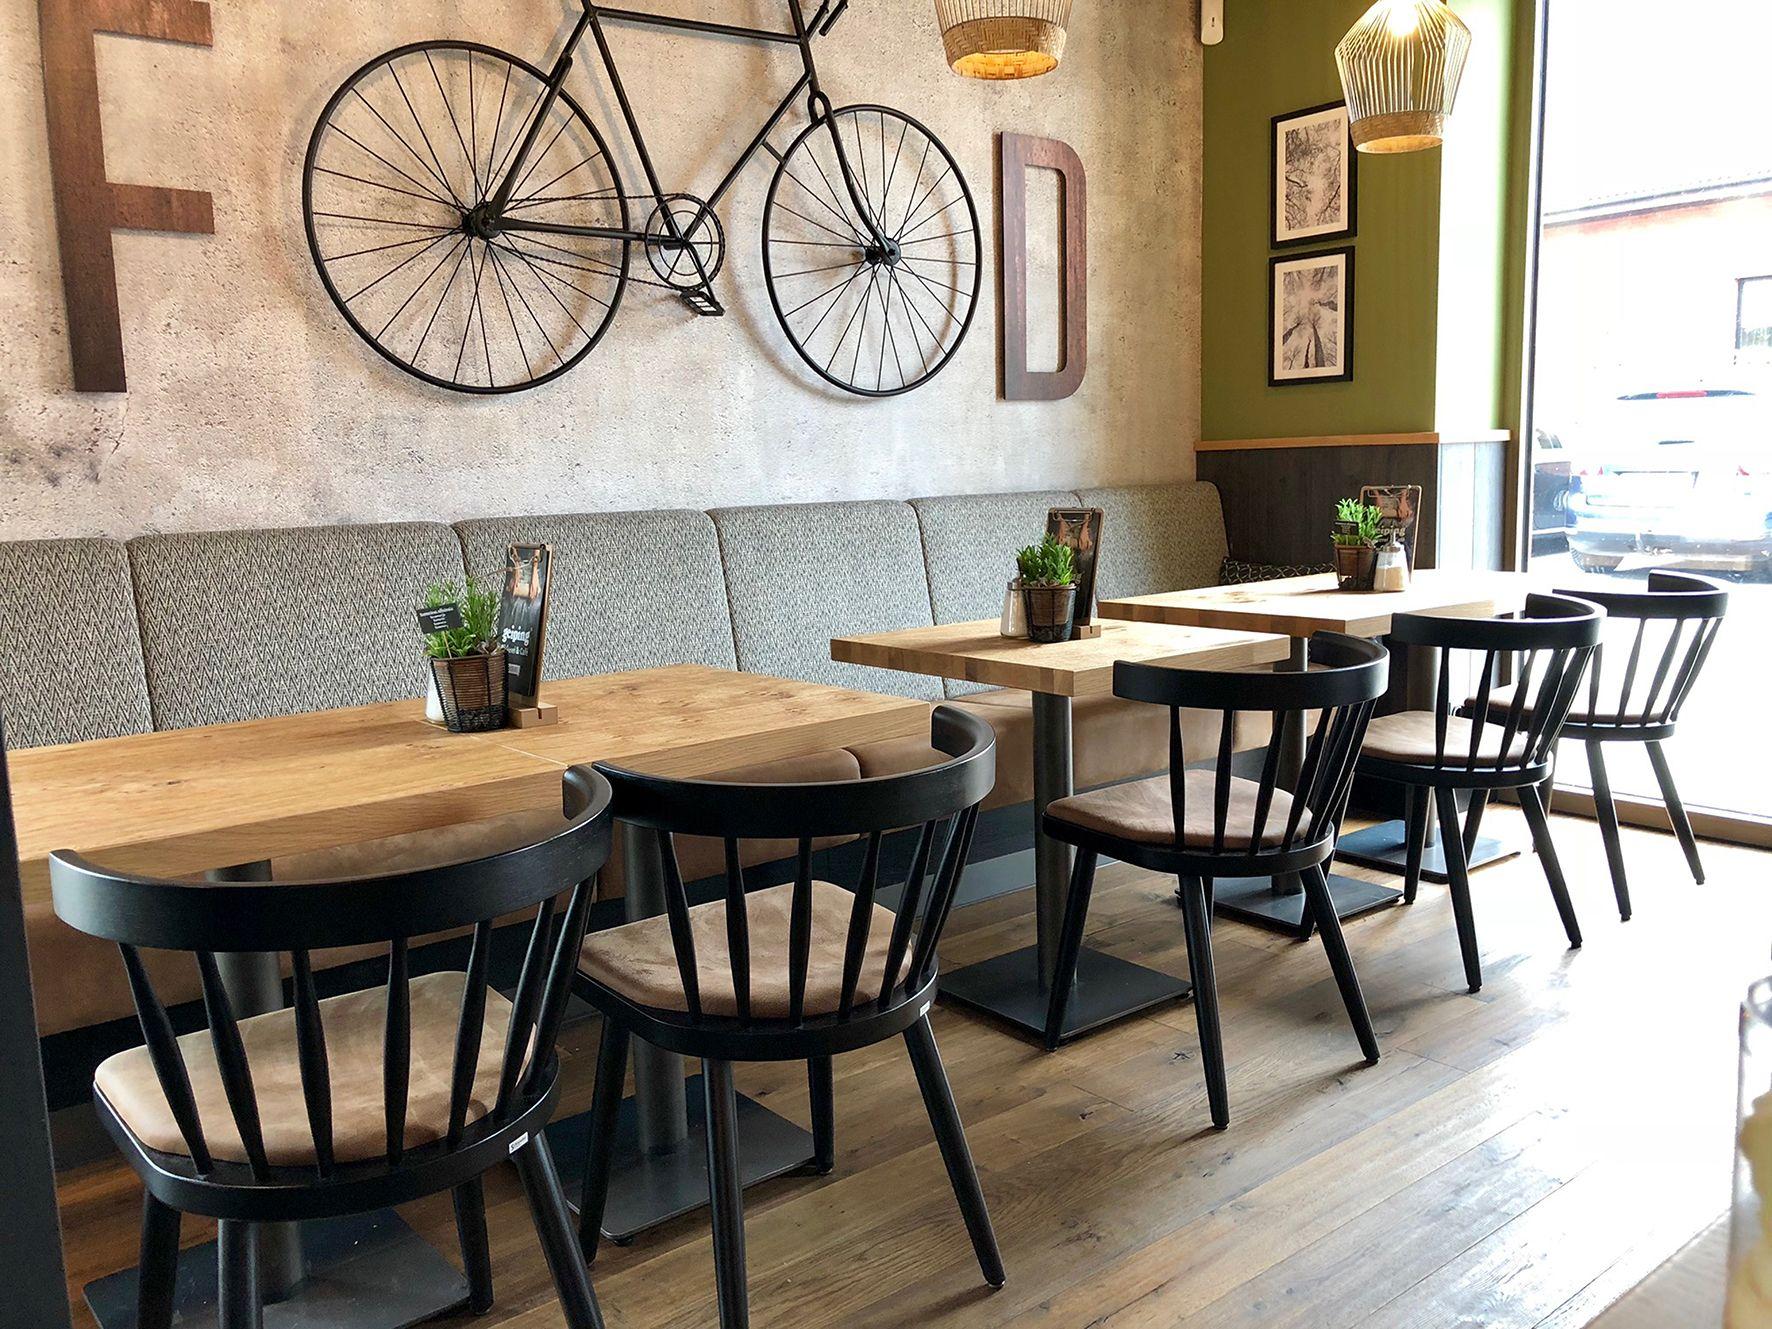 Sessel Mika 12240 Schnieder Restauranteinrichtungen Gastronomie Mobel Cafe Interieur